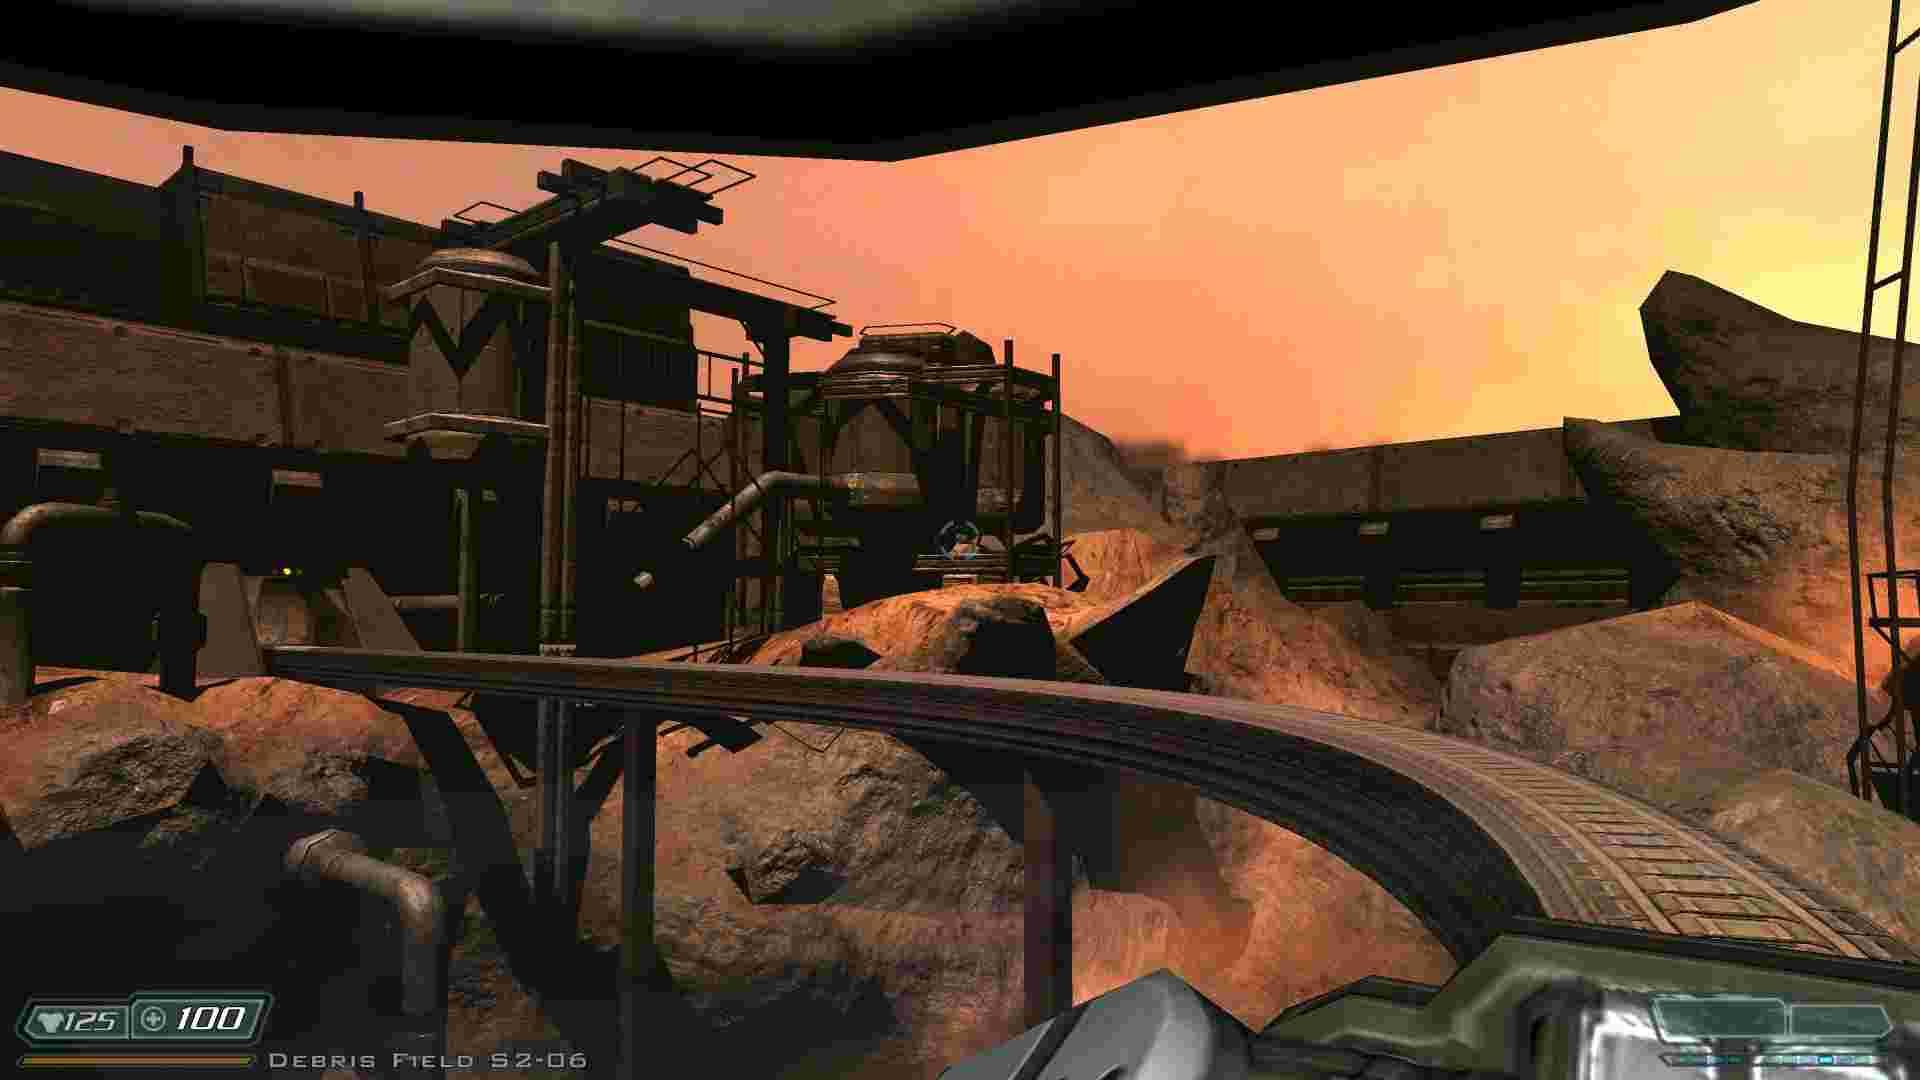 У грі зовсім мало фрагментів марсіанської поверхні, але вони справляють належне враження